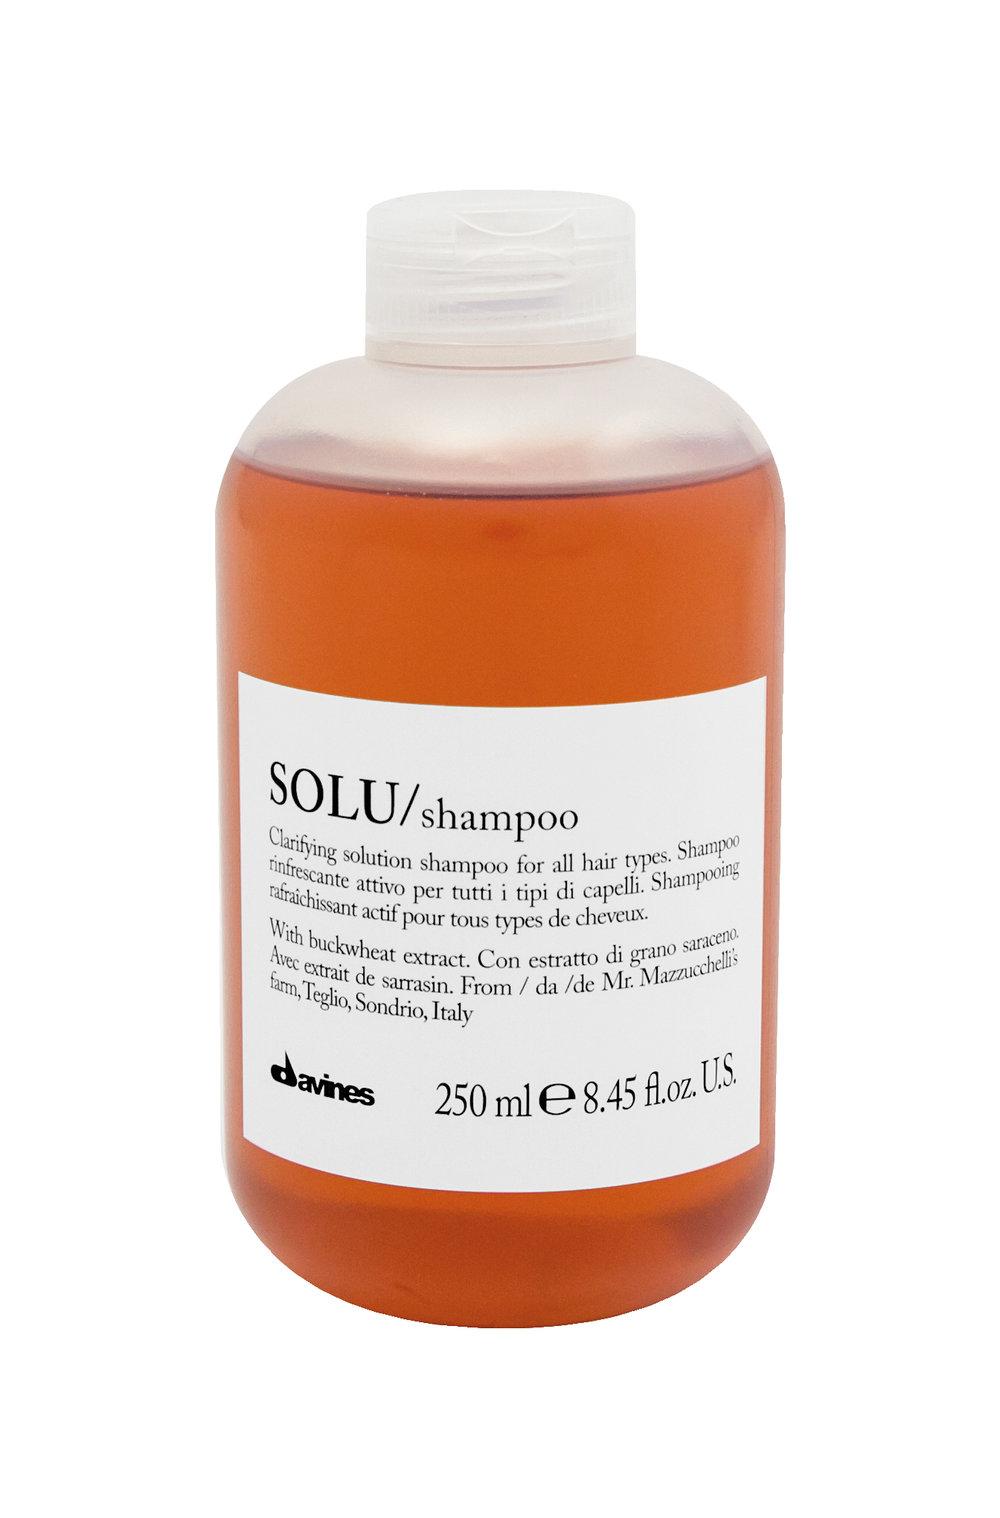 ech solu shampoo.jpg